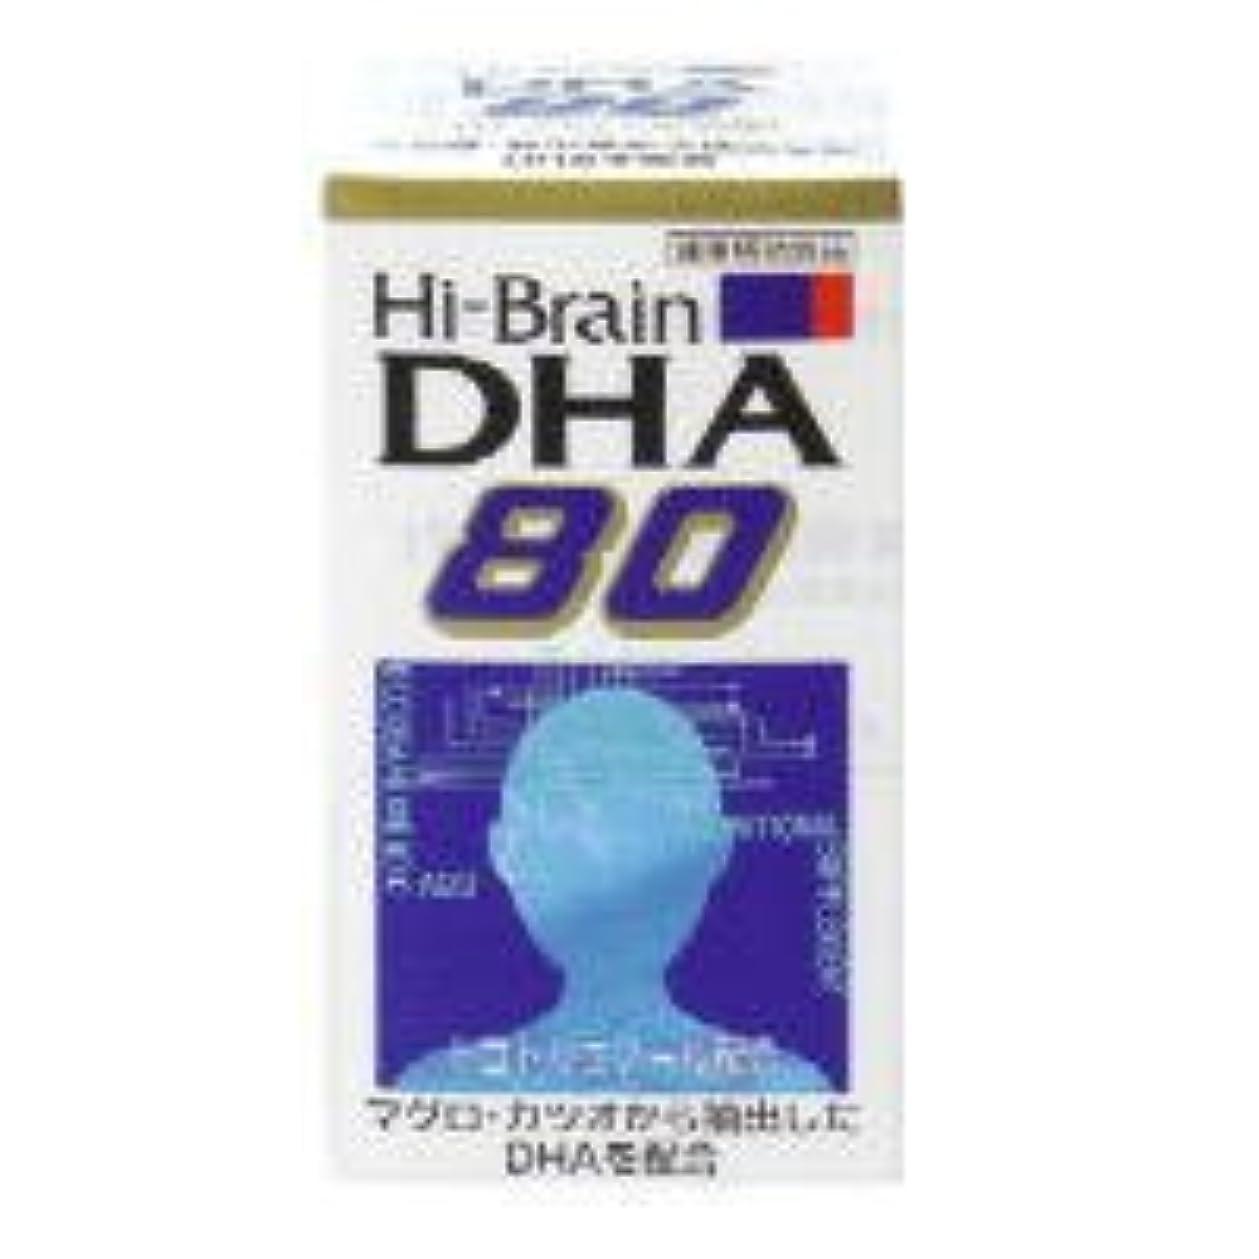 原始的な締め切りイサカハイブレーンDHA80 1個